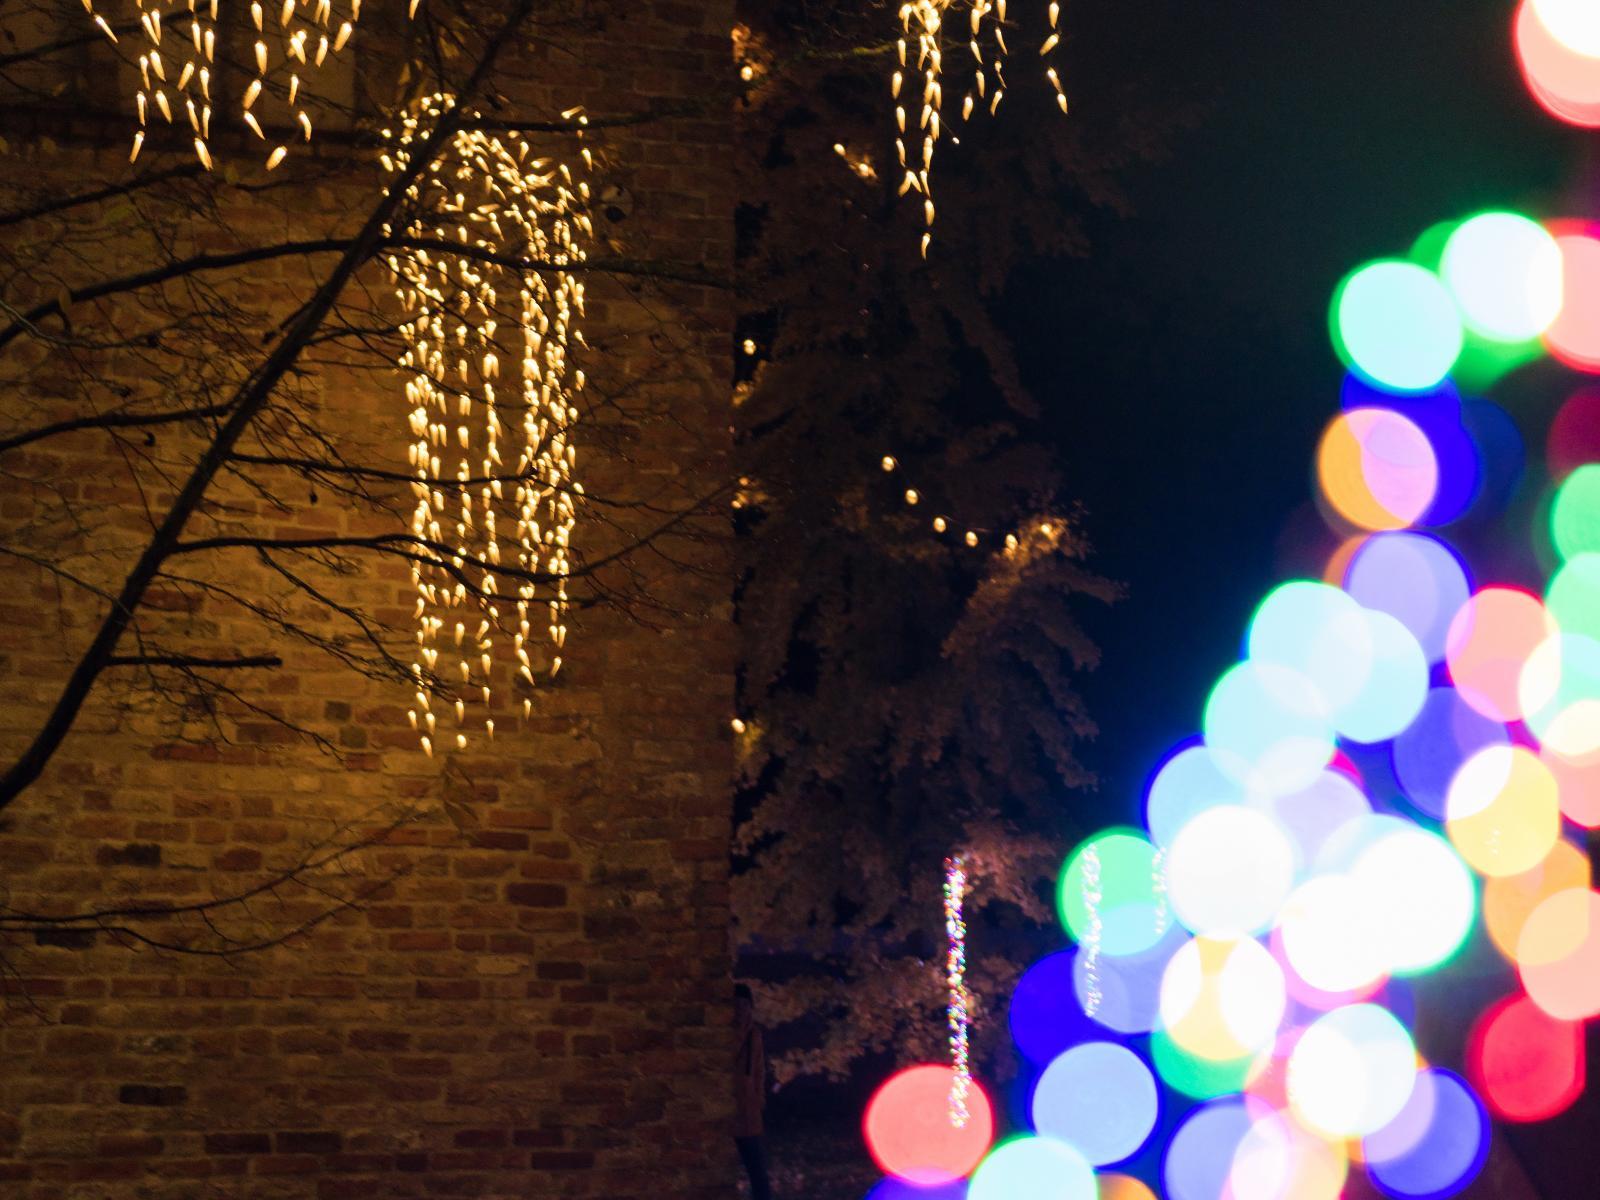 bunte Lichtinstallation im Klostergarten